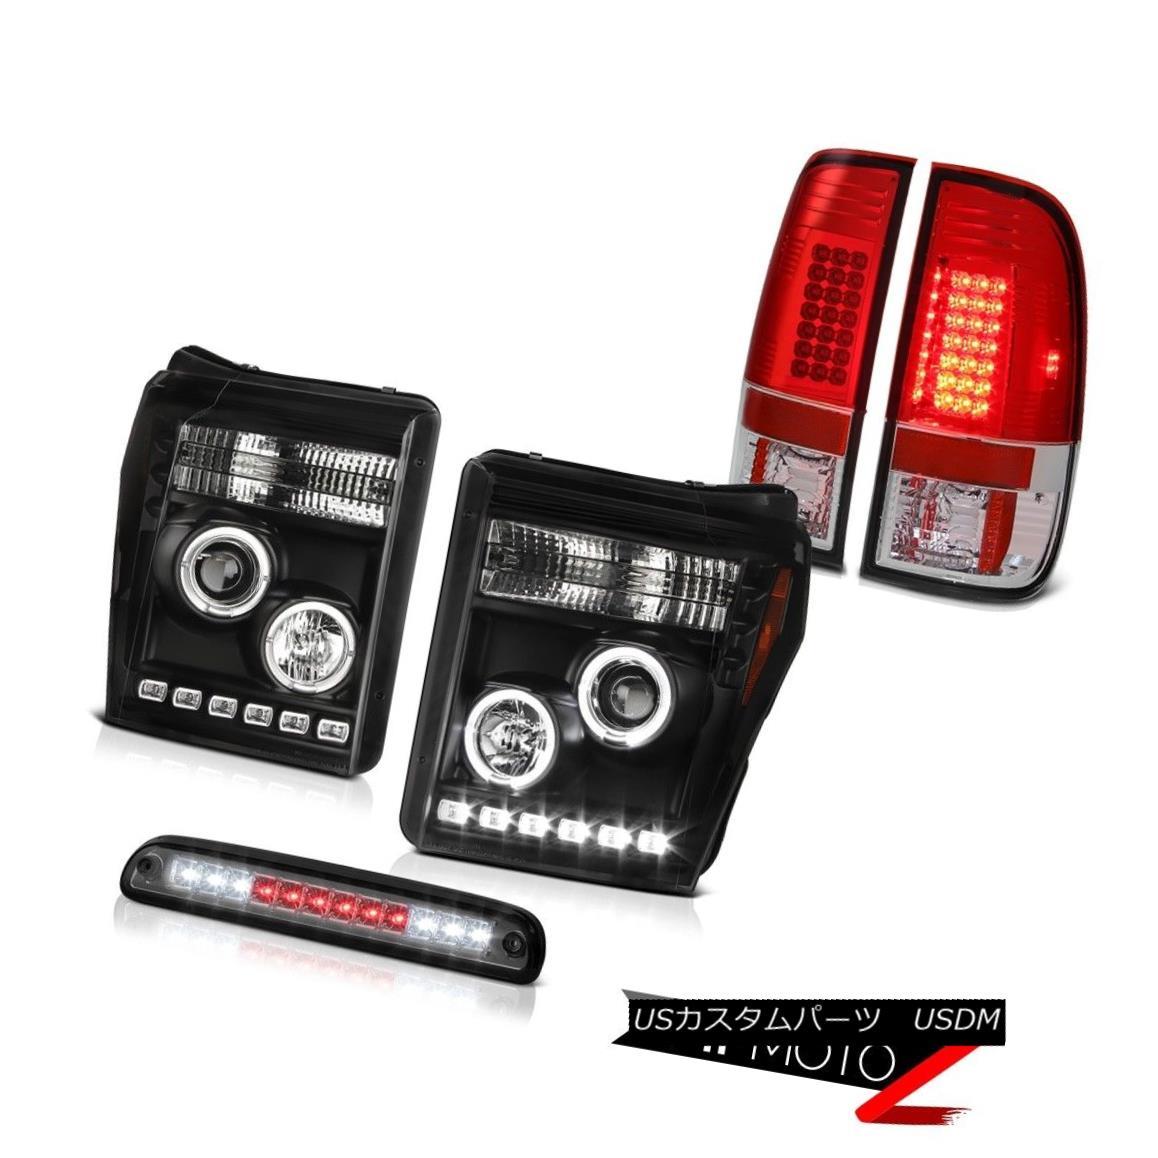 ヘッドライト 11-16 F350 6.7L Titanium Smoke 3RD Brake Lamp Tail Lamps Inky Black Headlights 11-16 F350 6.7Lチタン煙3RDブレーキランプテールランプインキーブラックヘッドライト